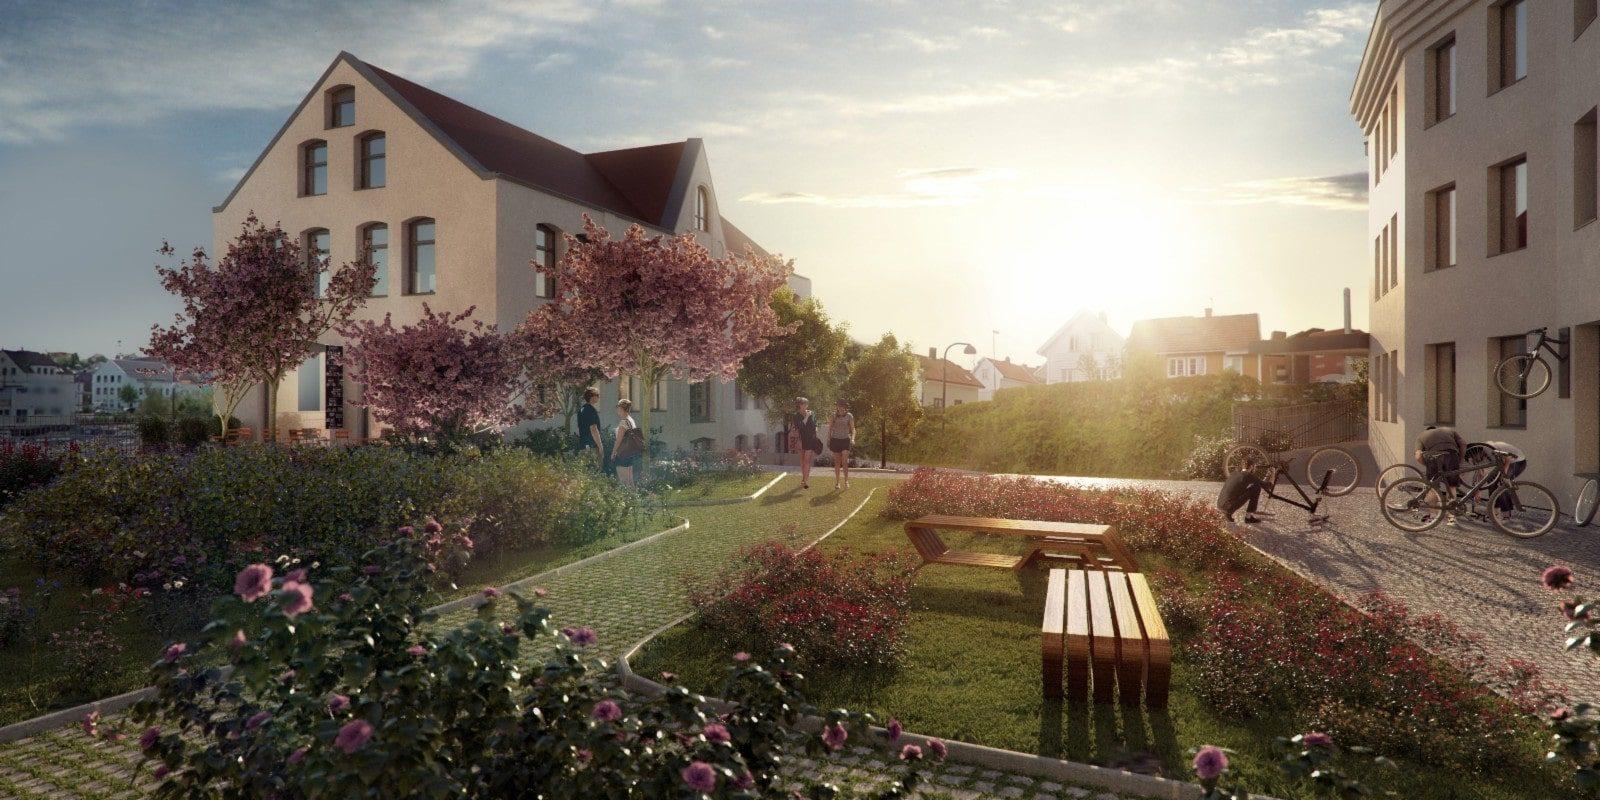 Visjon Svanketorget - et spennende område med yrende liv